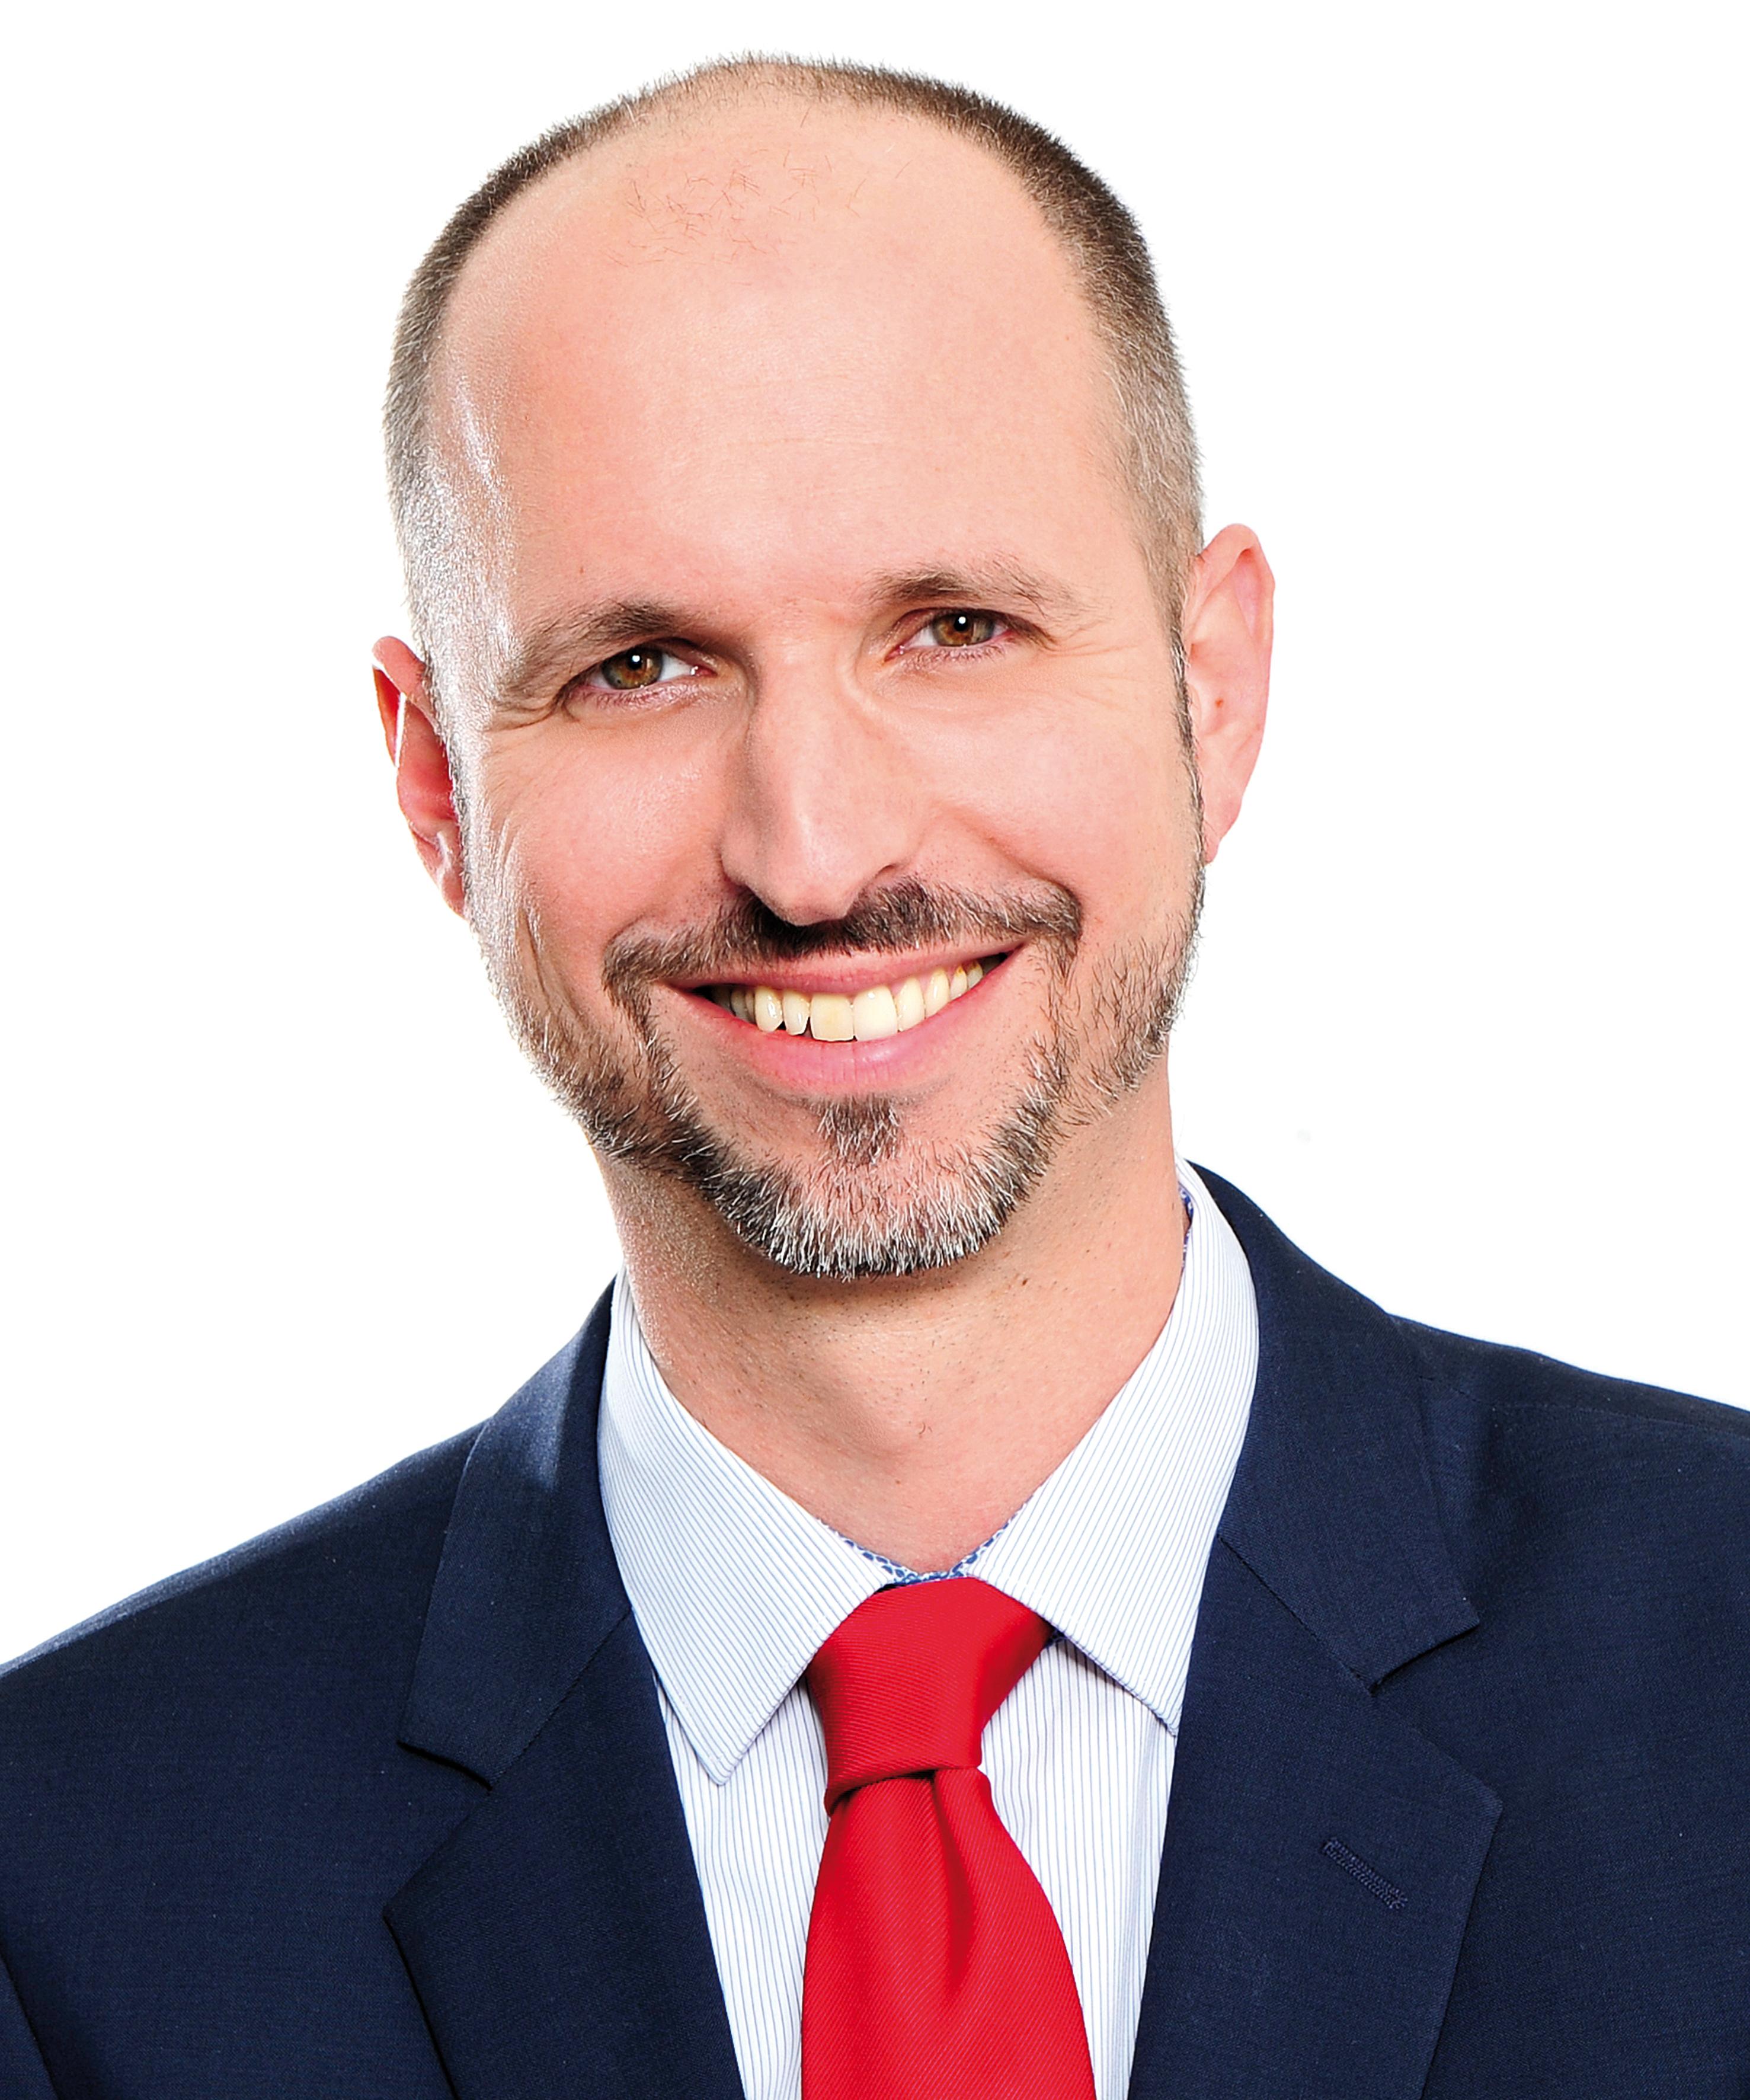 Stephan Zimprich, Autor des Artikels über Mittelstand und Blockchain